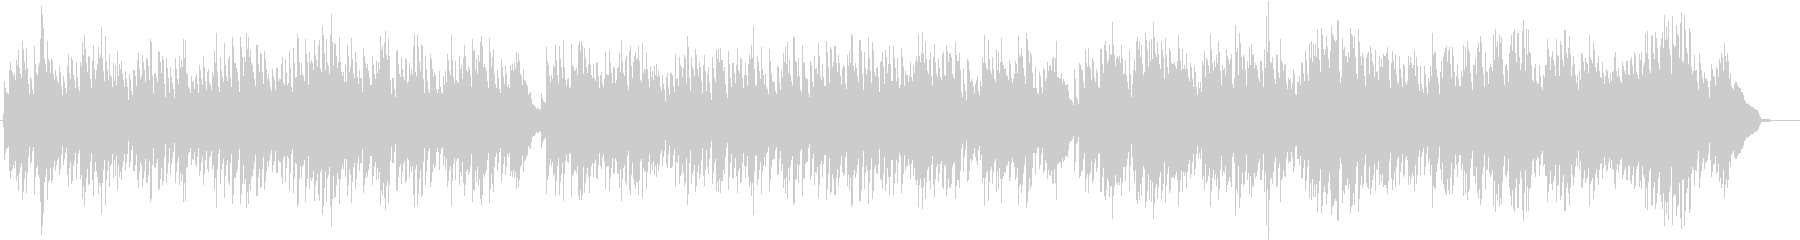 バッハが作るフランス風組曲。の未再生の波形